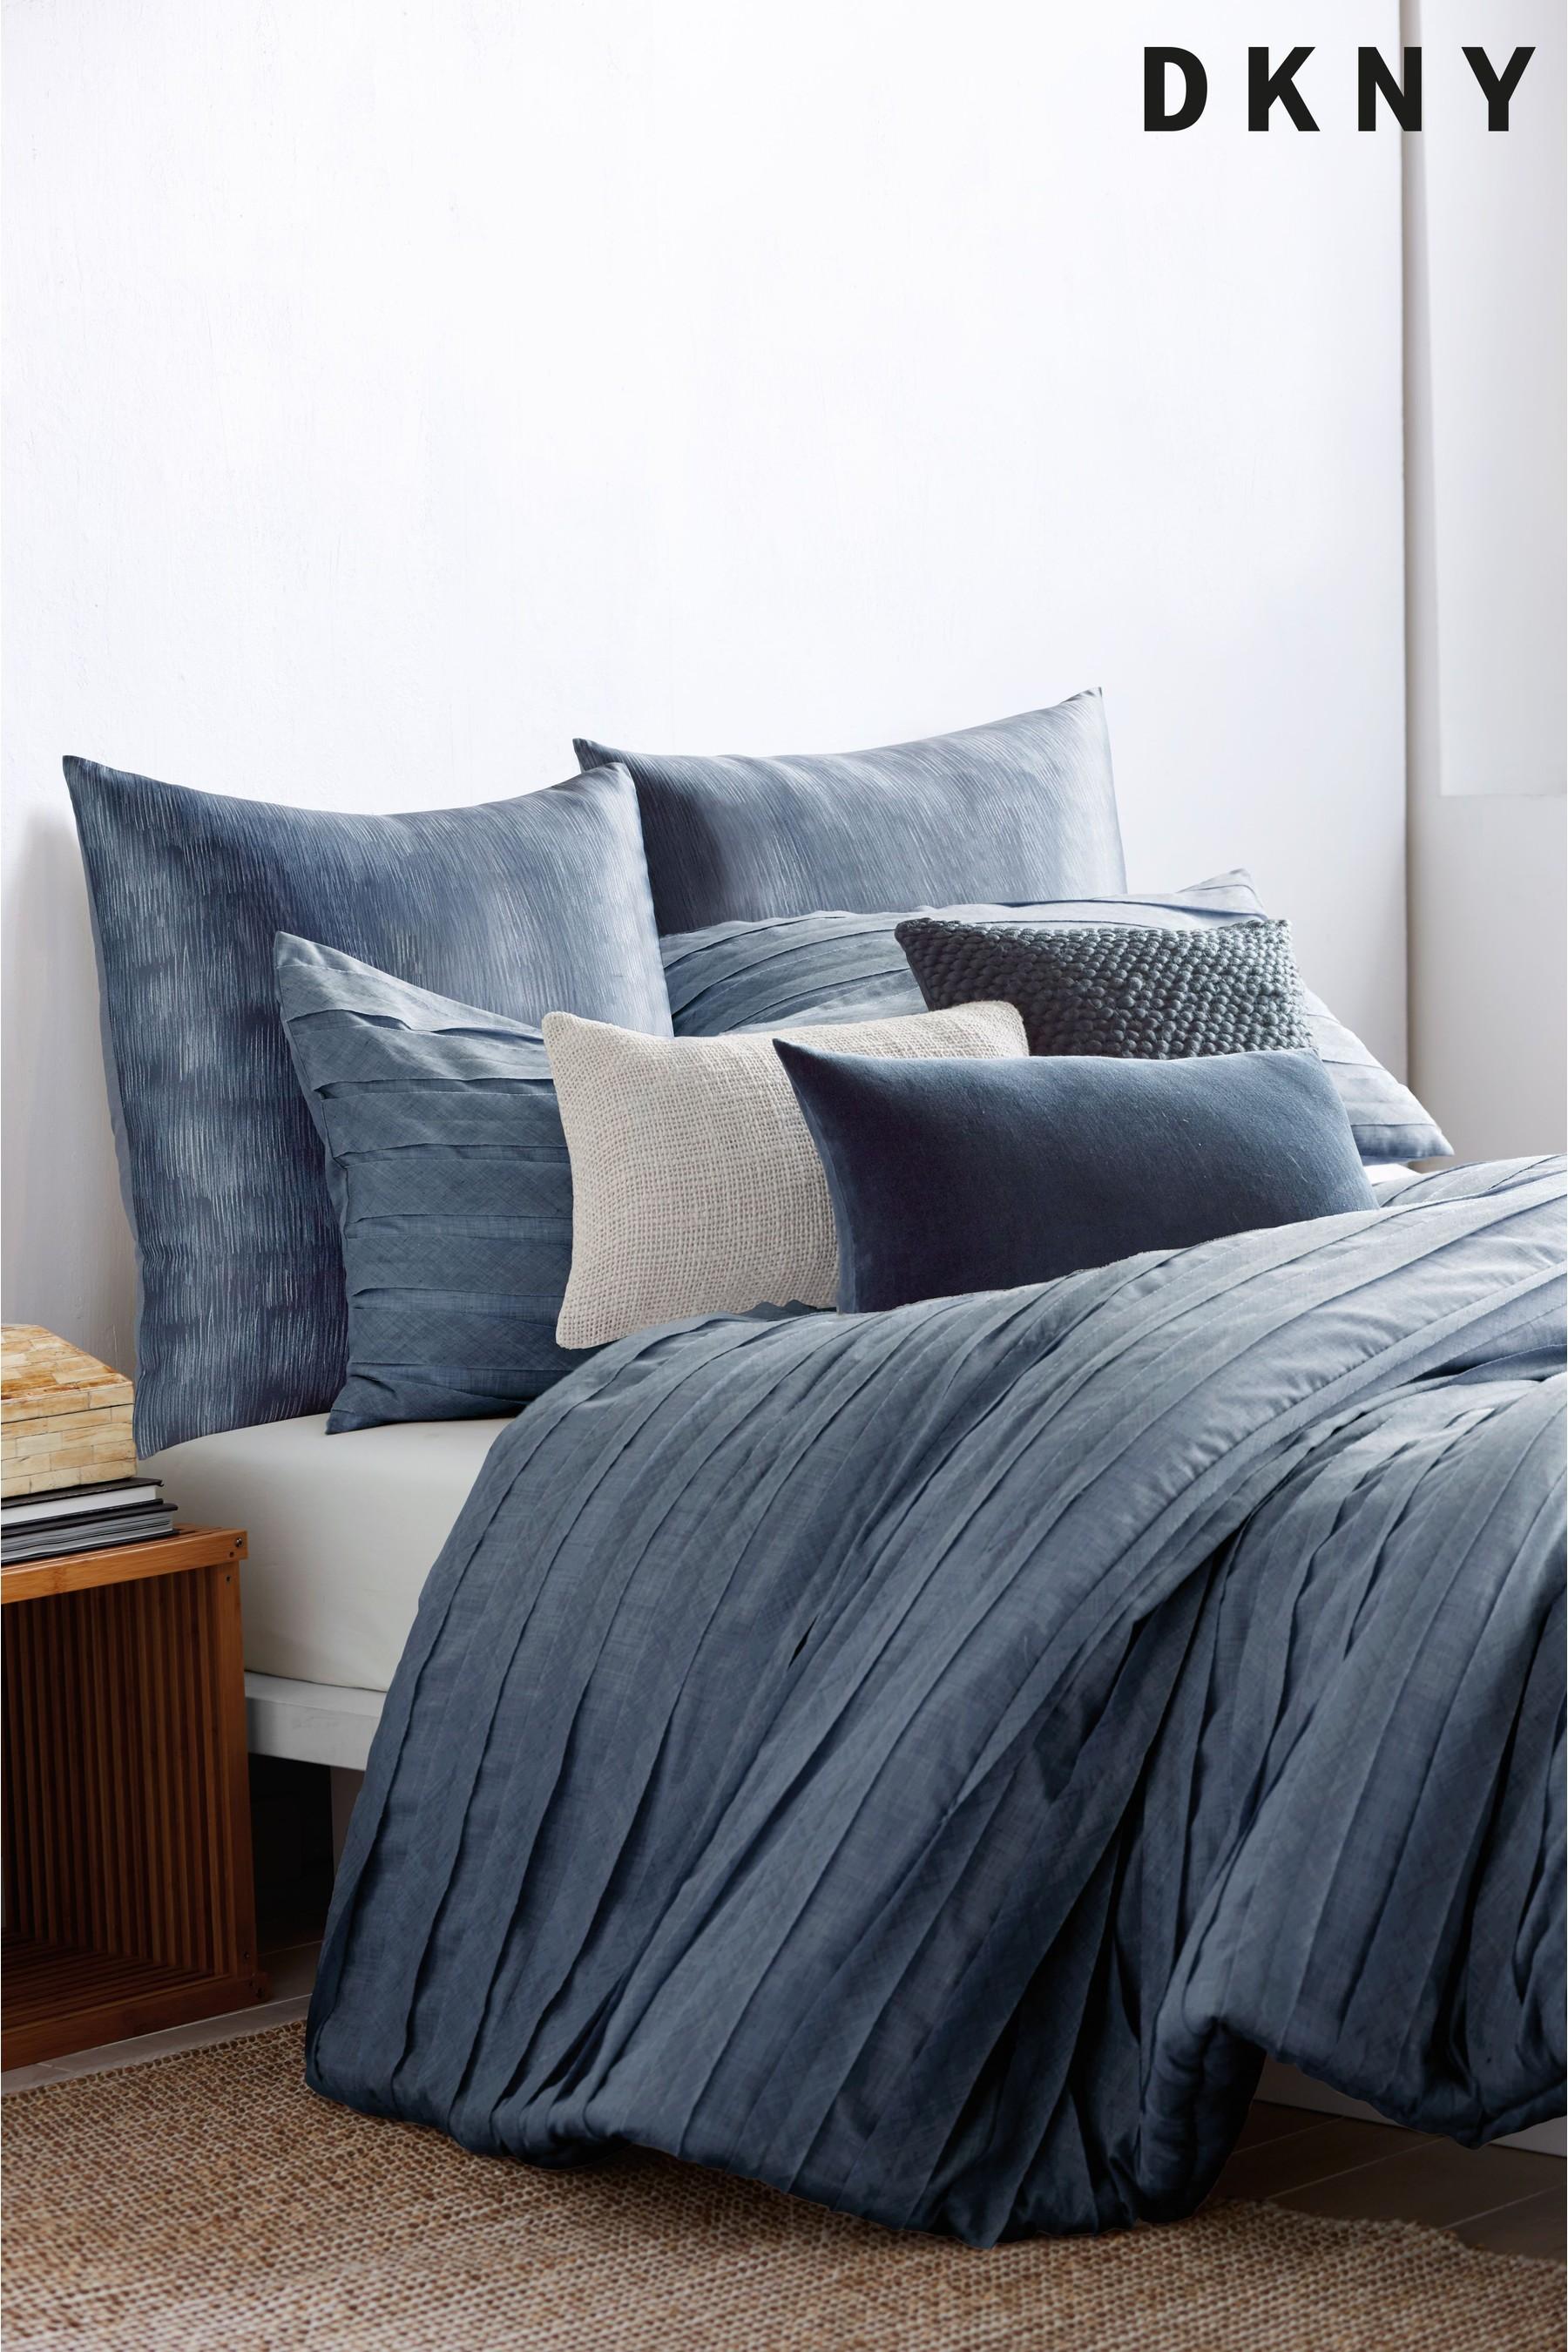 DKNY Loft Stripe Duvet Cover Blue in 2019 Duvet